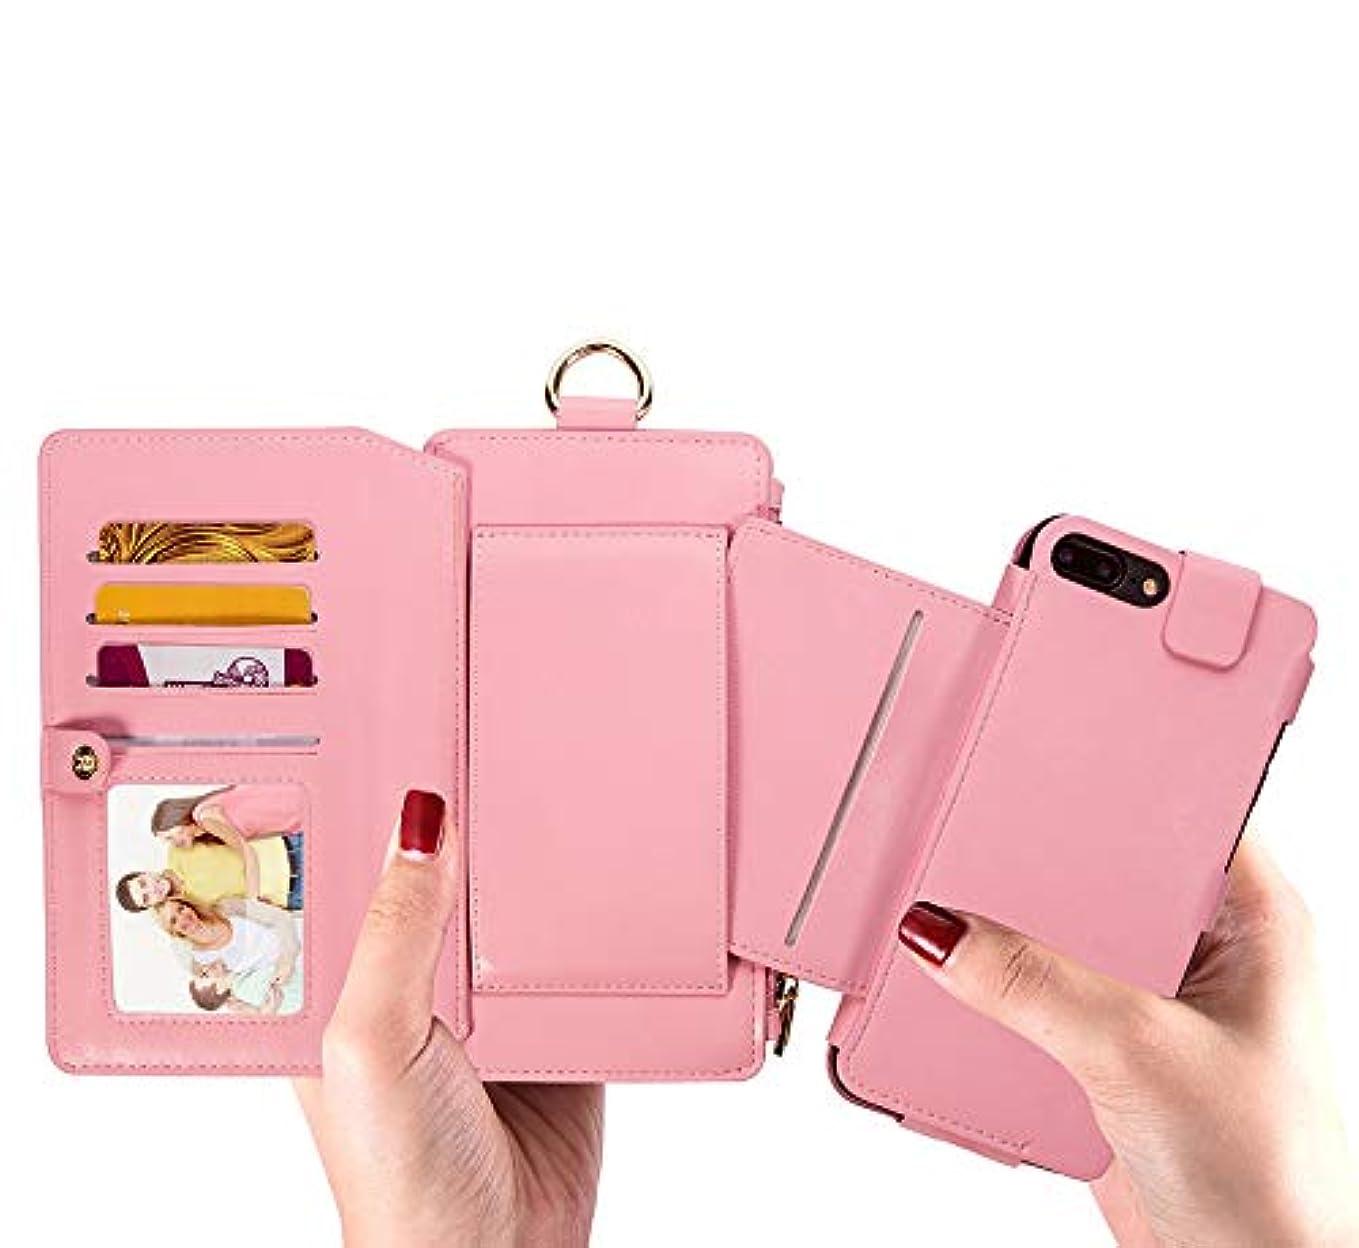 商業の逆説リボンiPhone 7 パソコンExit包保護套 - 折りたたみ保護袖 - 立ちブラケット-ビジネススタイル-全身保護-内殻金属リング-12札入れ-相枠-取り外し可能な電話ケース財布 4.7インチiPhone 7 / iPhone...